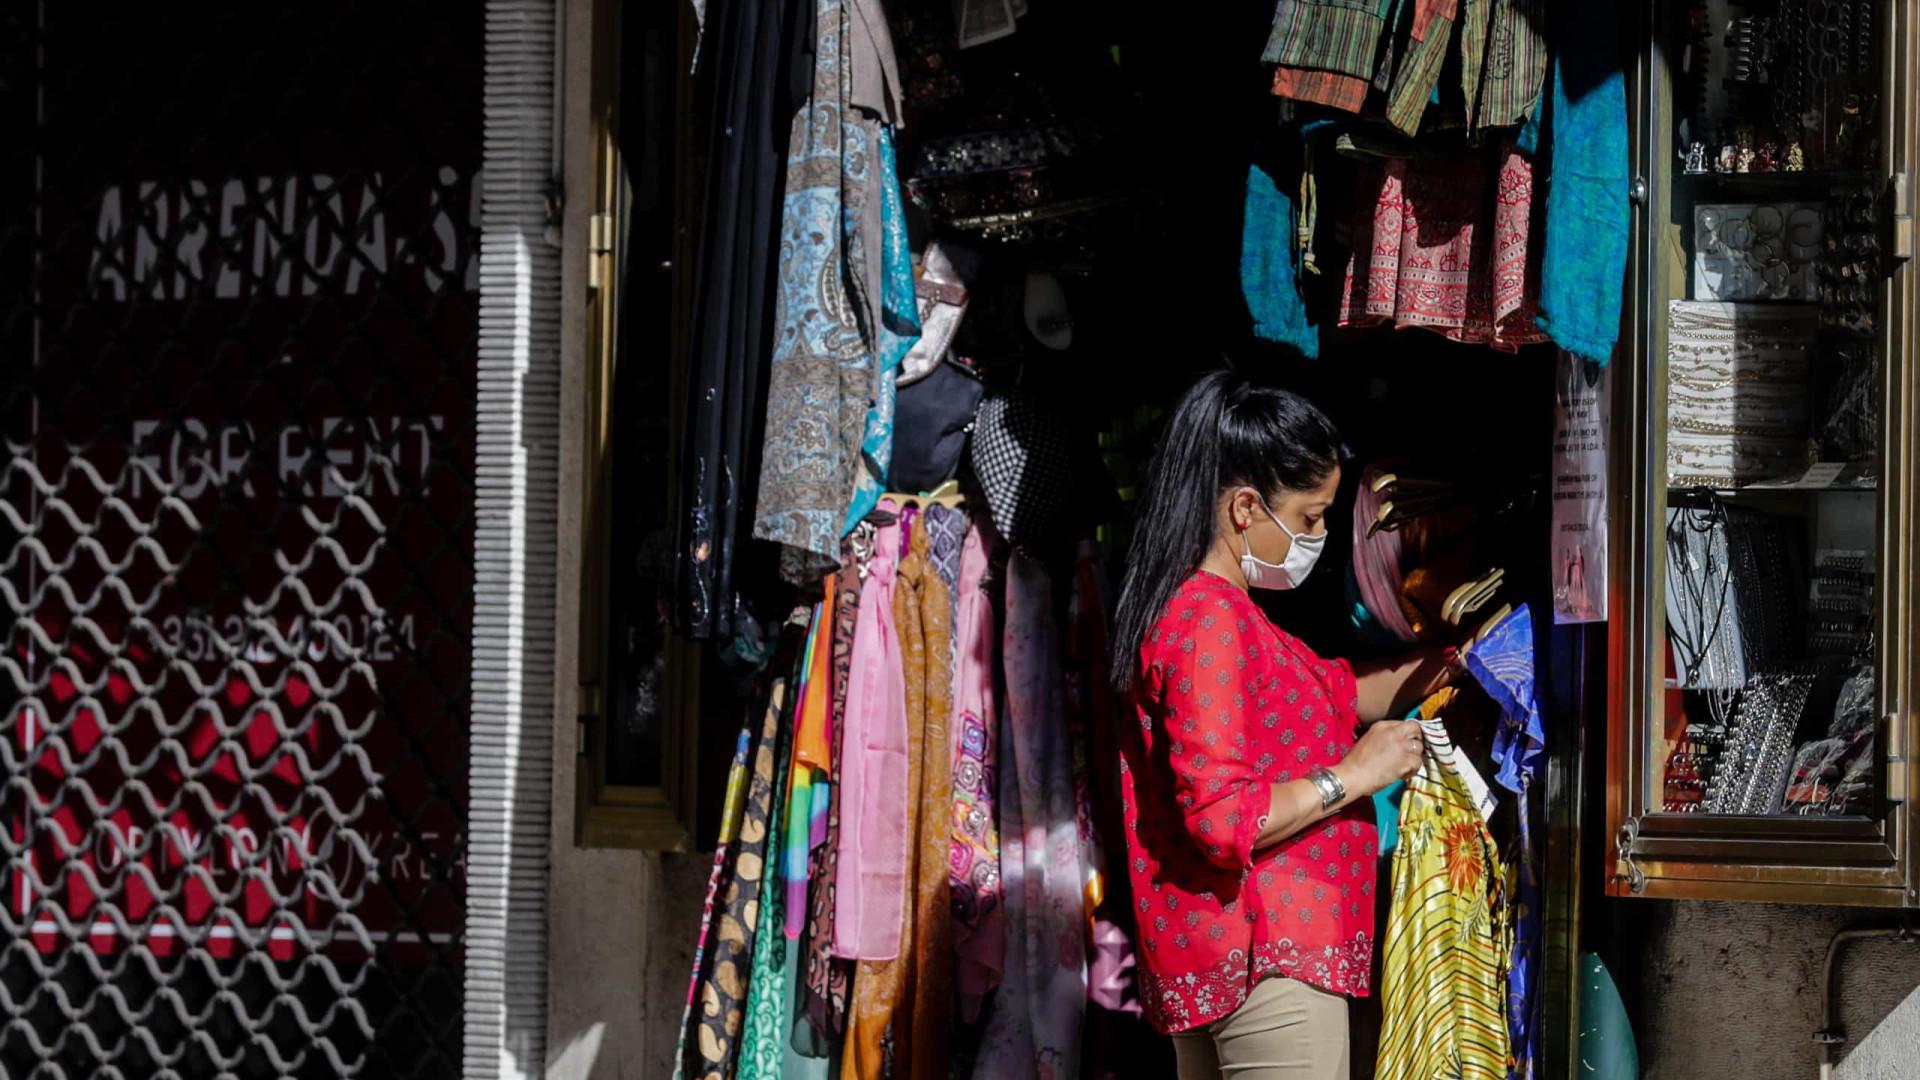 Negócios da Baixa lisboeta em grandes dificuldades por falta de turistas